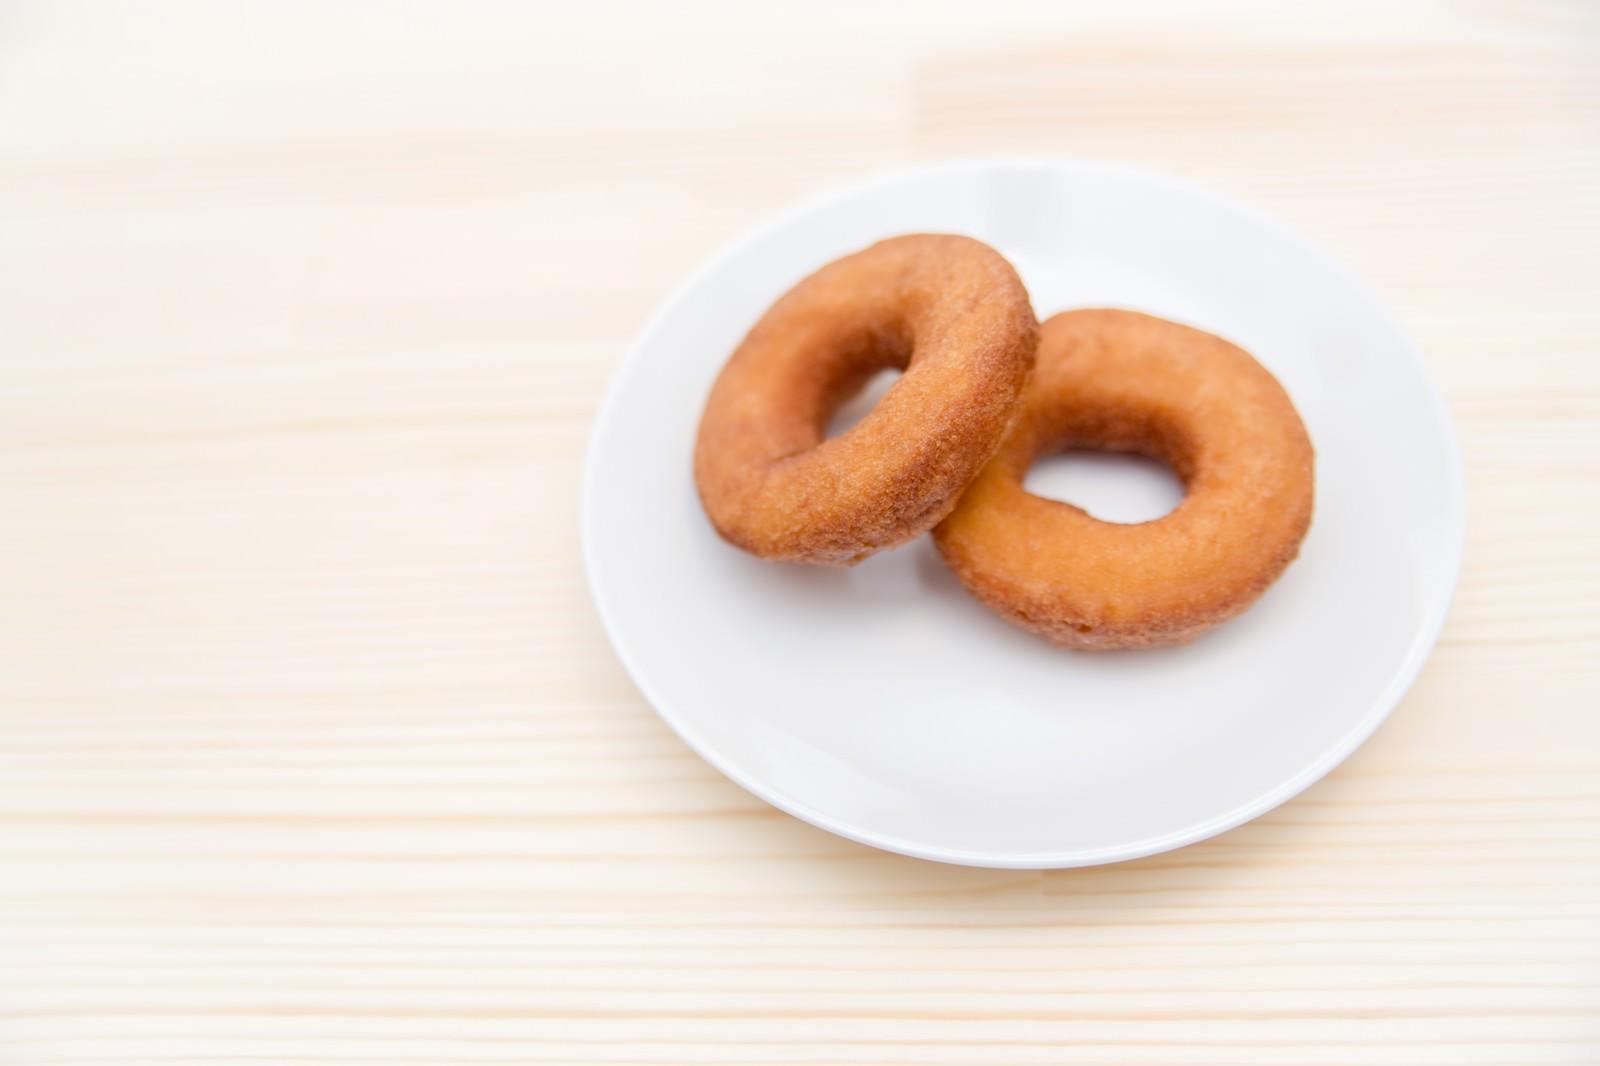 「お皿の上に置かれたドーナツ2個」の写真